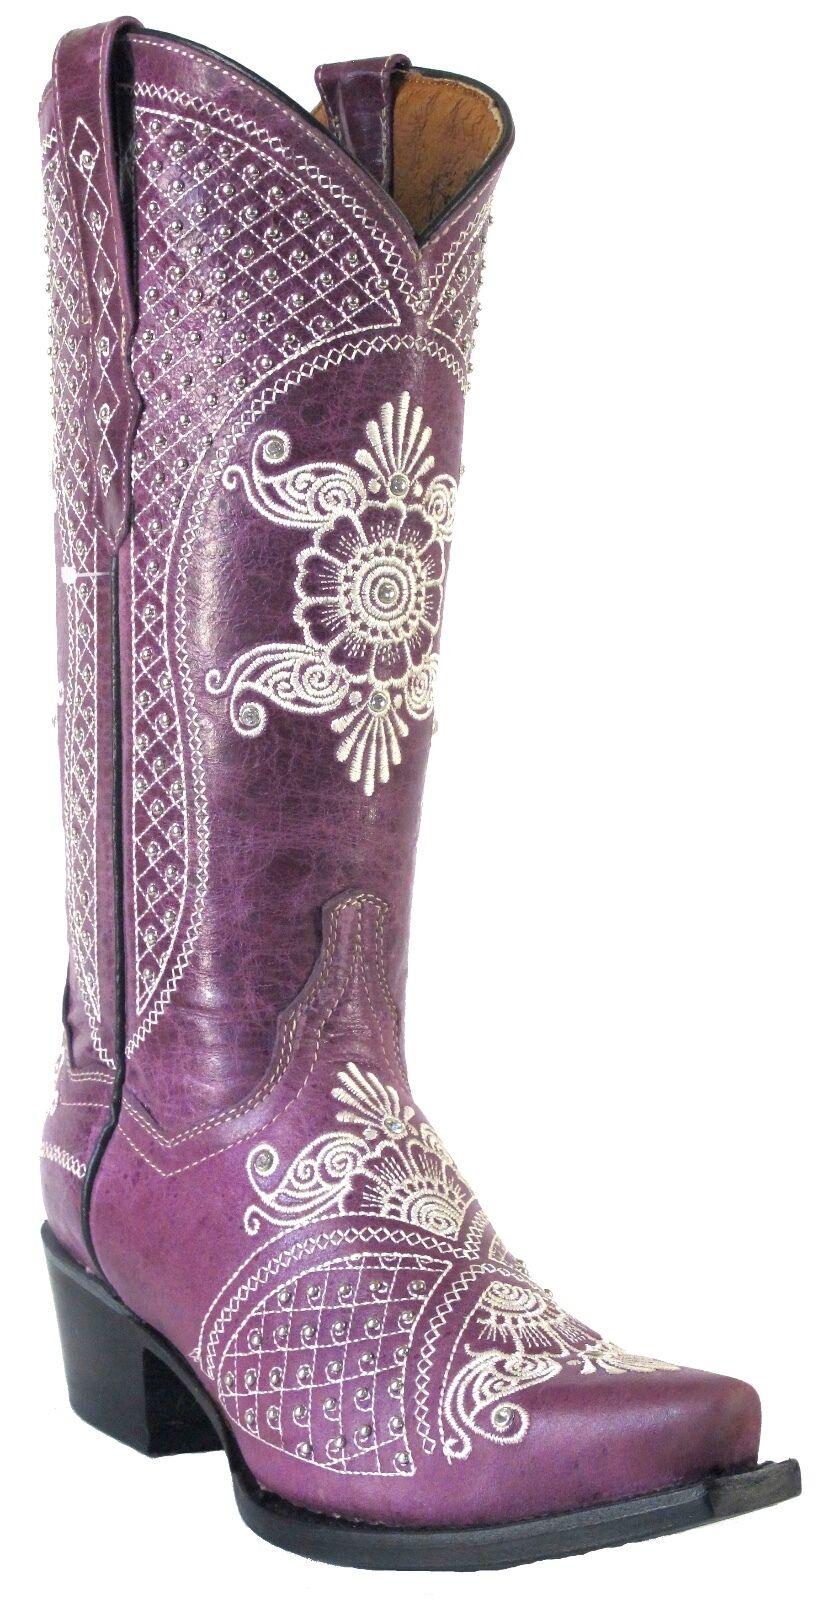 Para mujeres Cuero Envejecido estrás Zarcillos Vaquera Occidental botas botas botas SNIP púrpura  entrega rápida